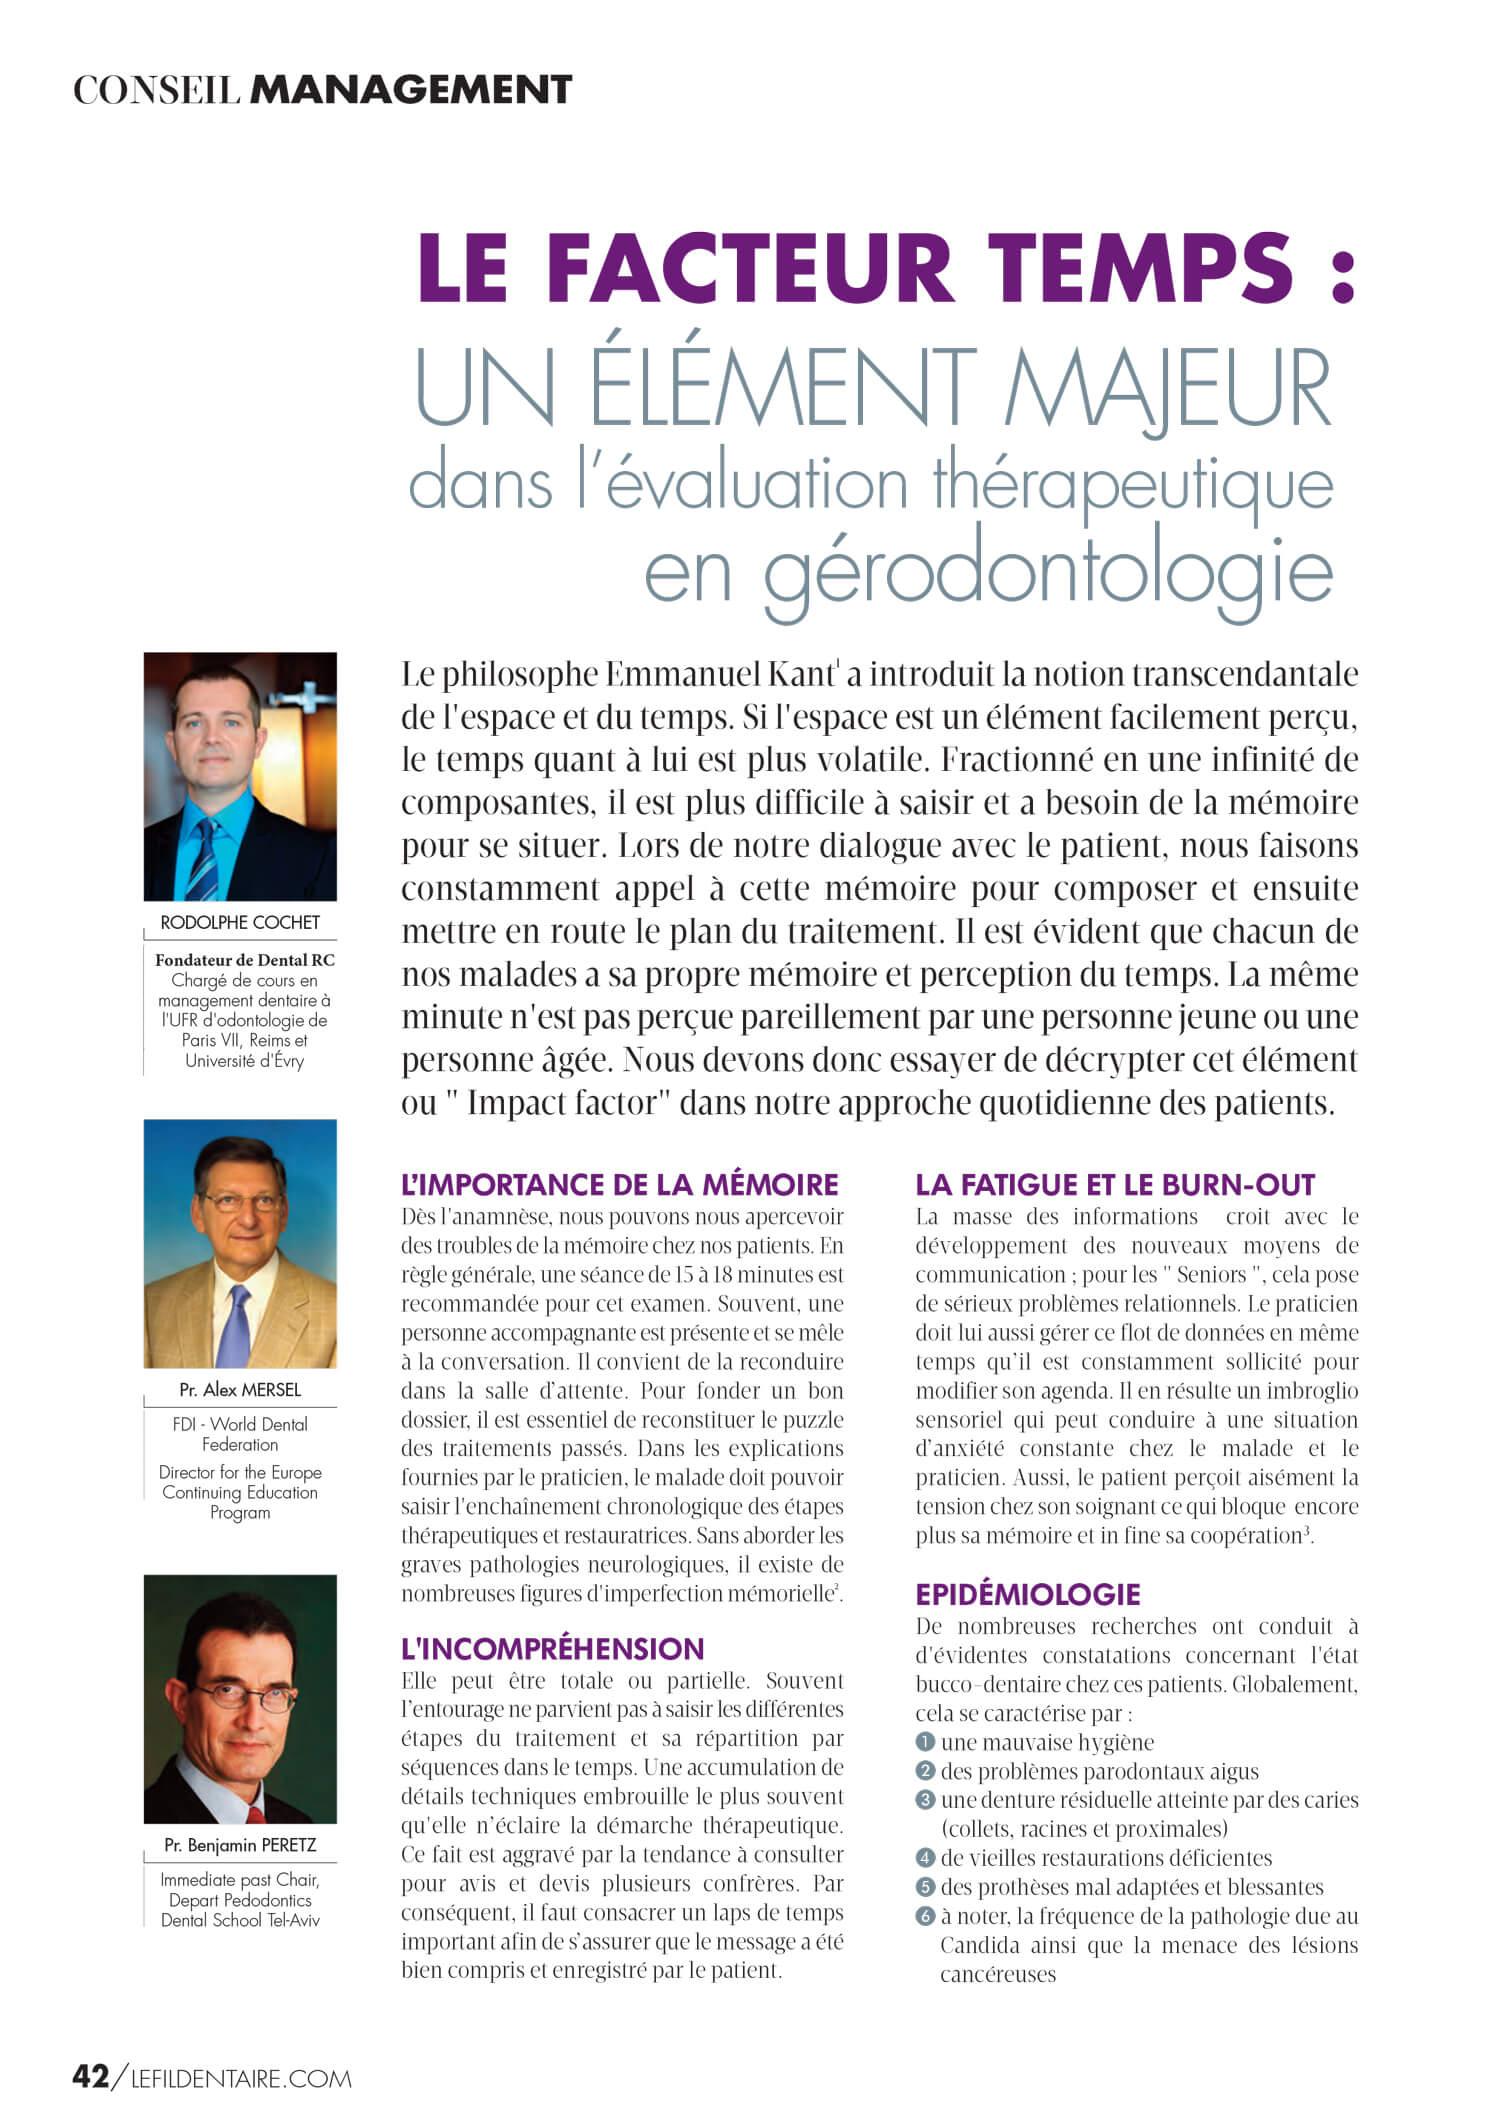 Conseil-Management-gestion-facteur-temps-au-cabinet-dentaire-gerodontologie.jpg